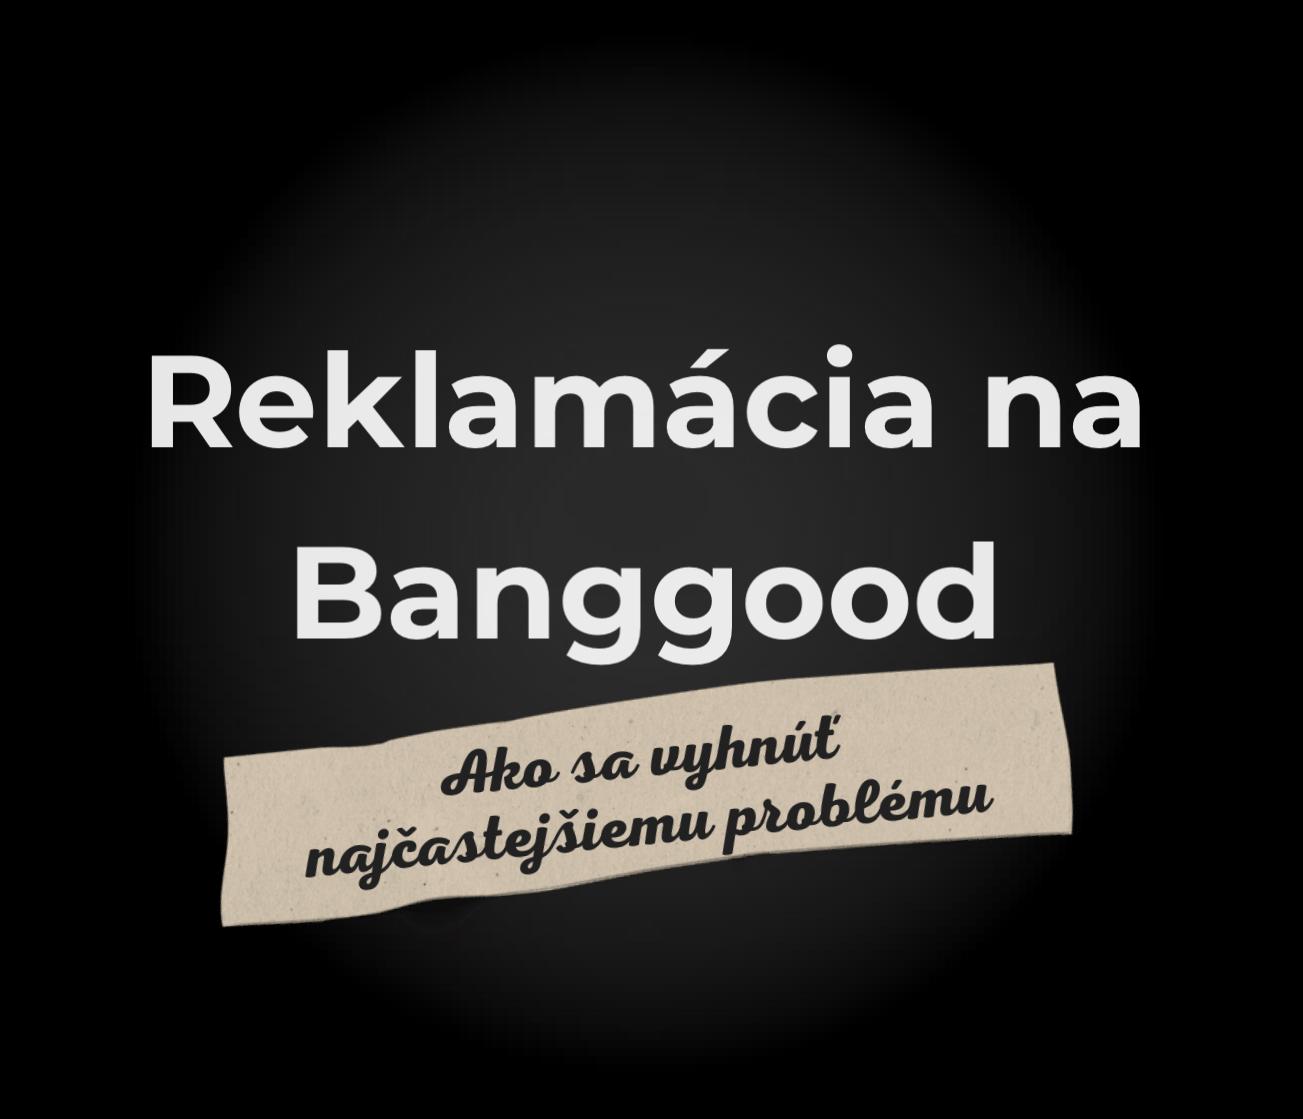 reklamacia na Banggood